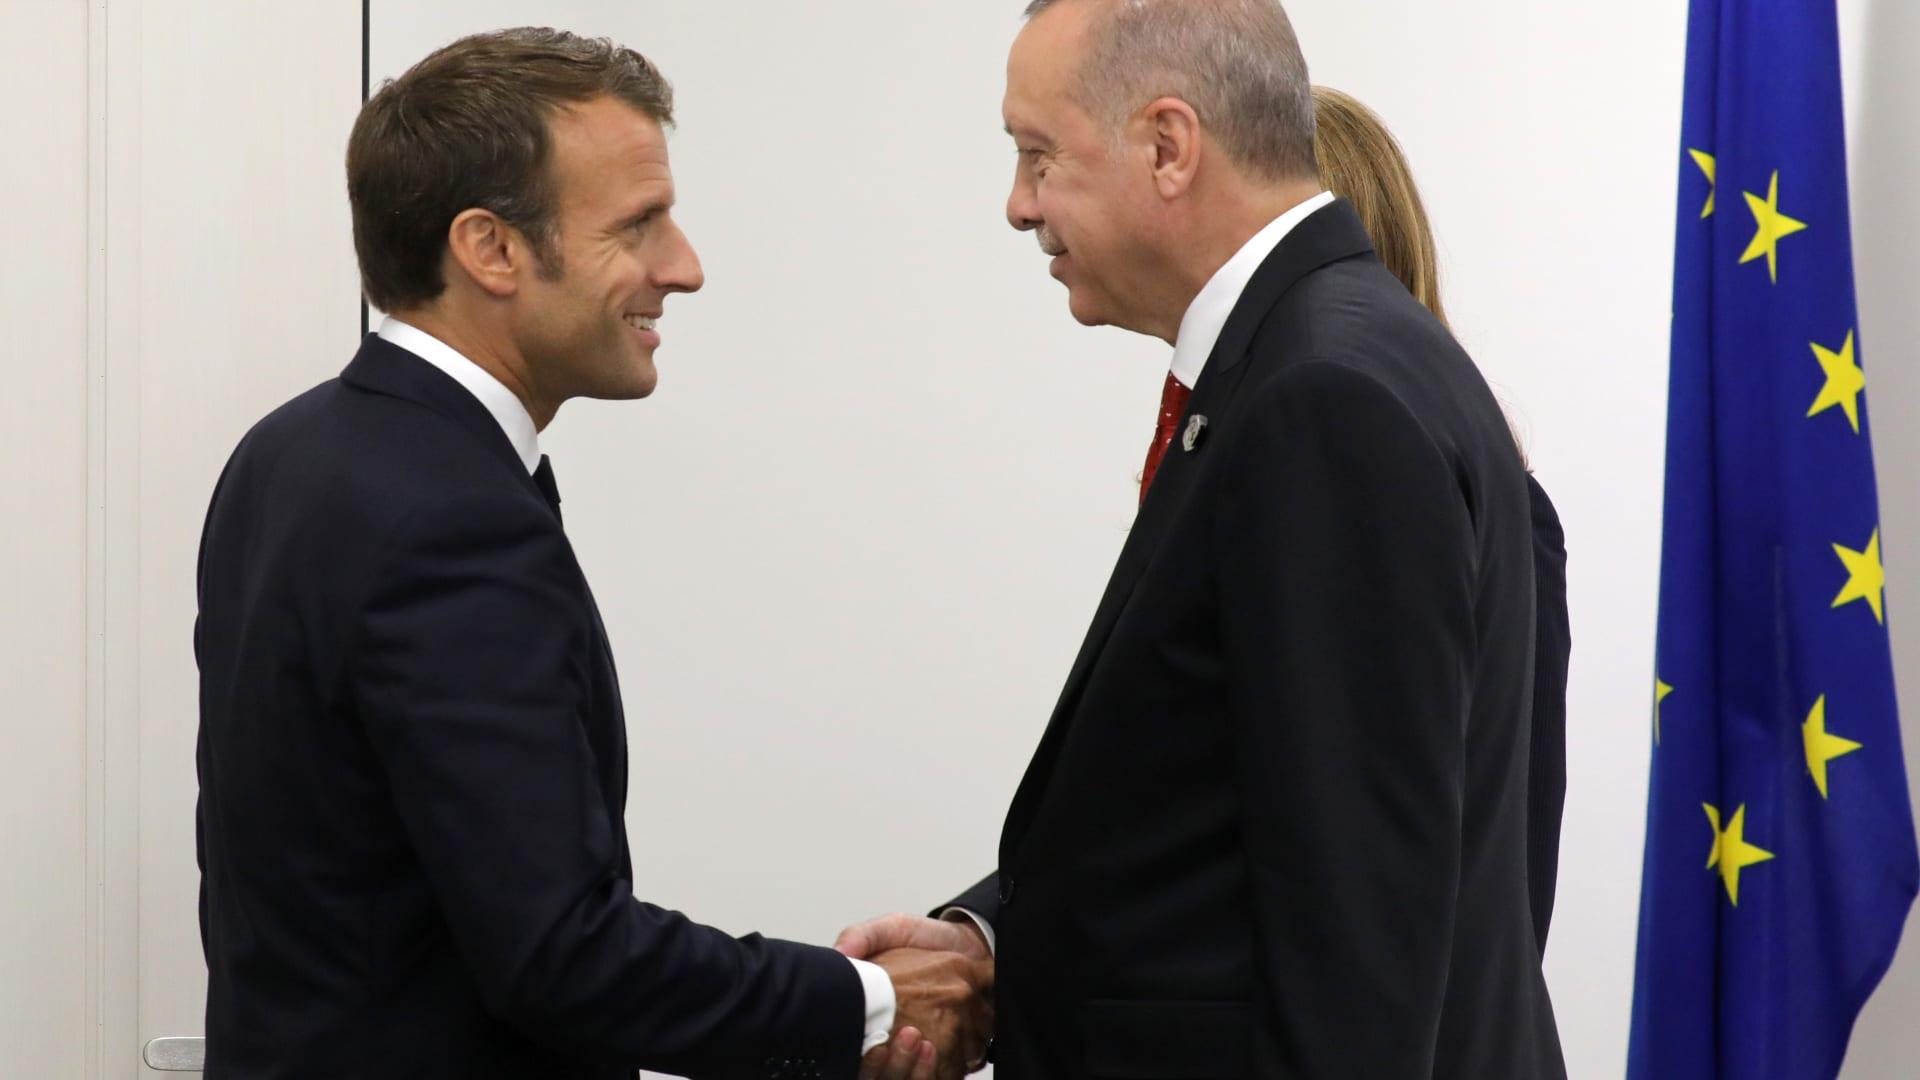 فرنسا تمنح المدرس الذي قُطع رأسه أعلى وسام شرف